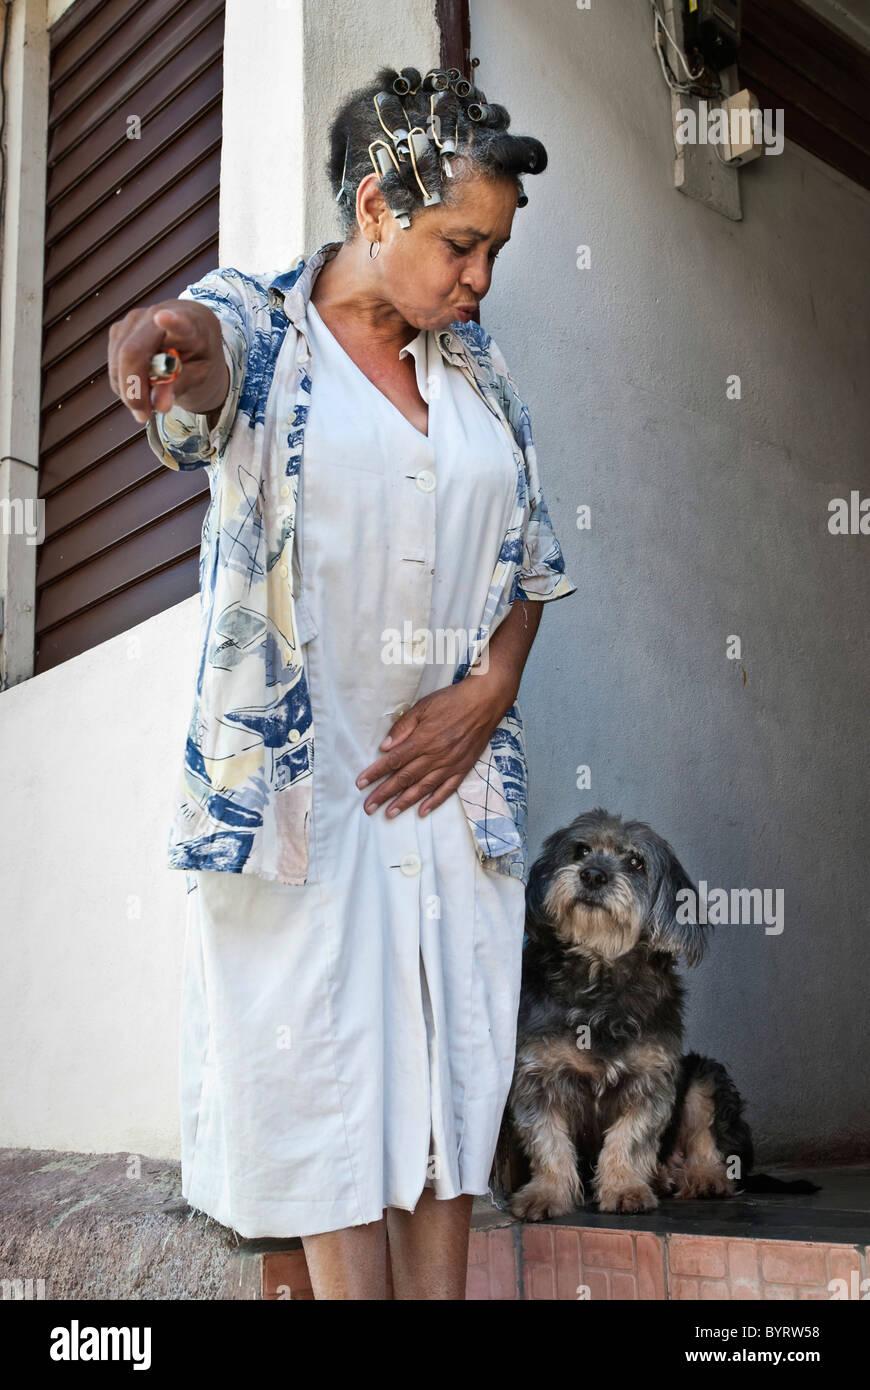 Mujer con rizadores de pelo y su perro, Santiago de Cuba, Cuba, el Caribe. Imagen De Stock